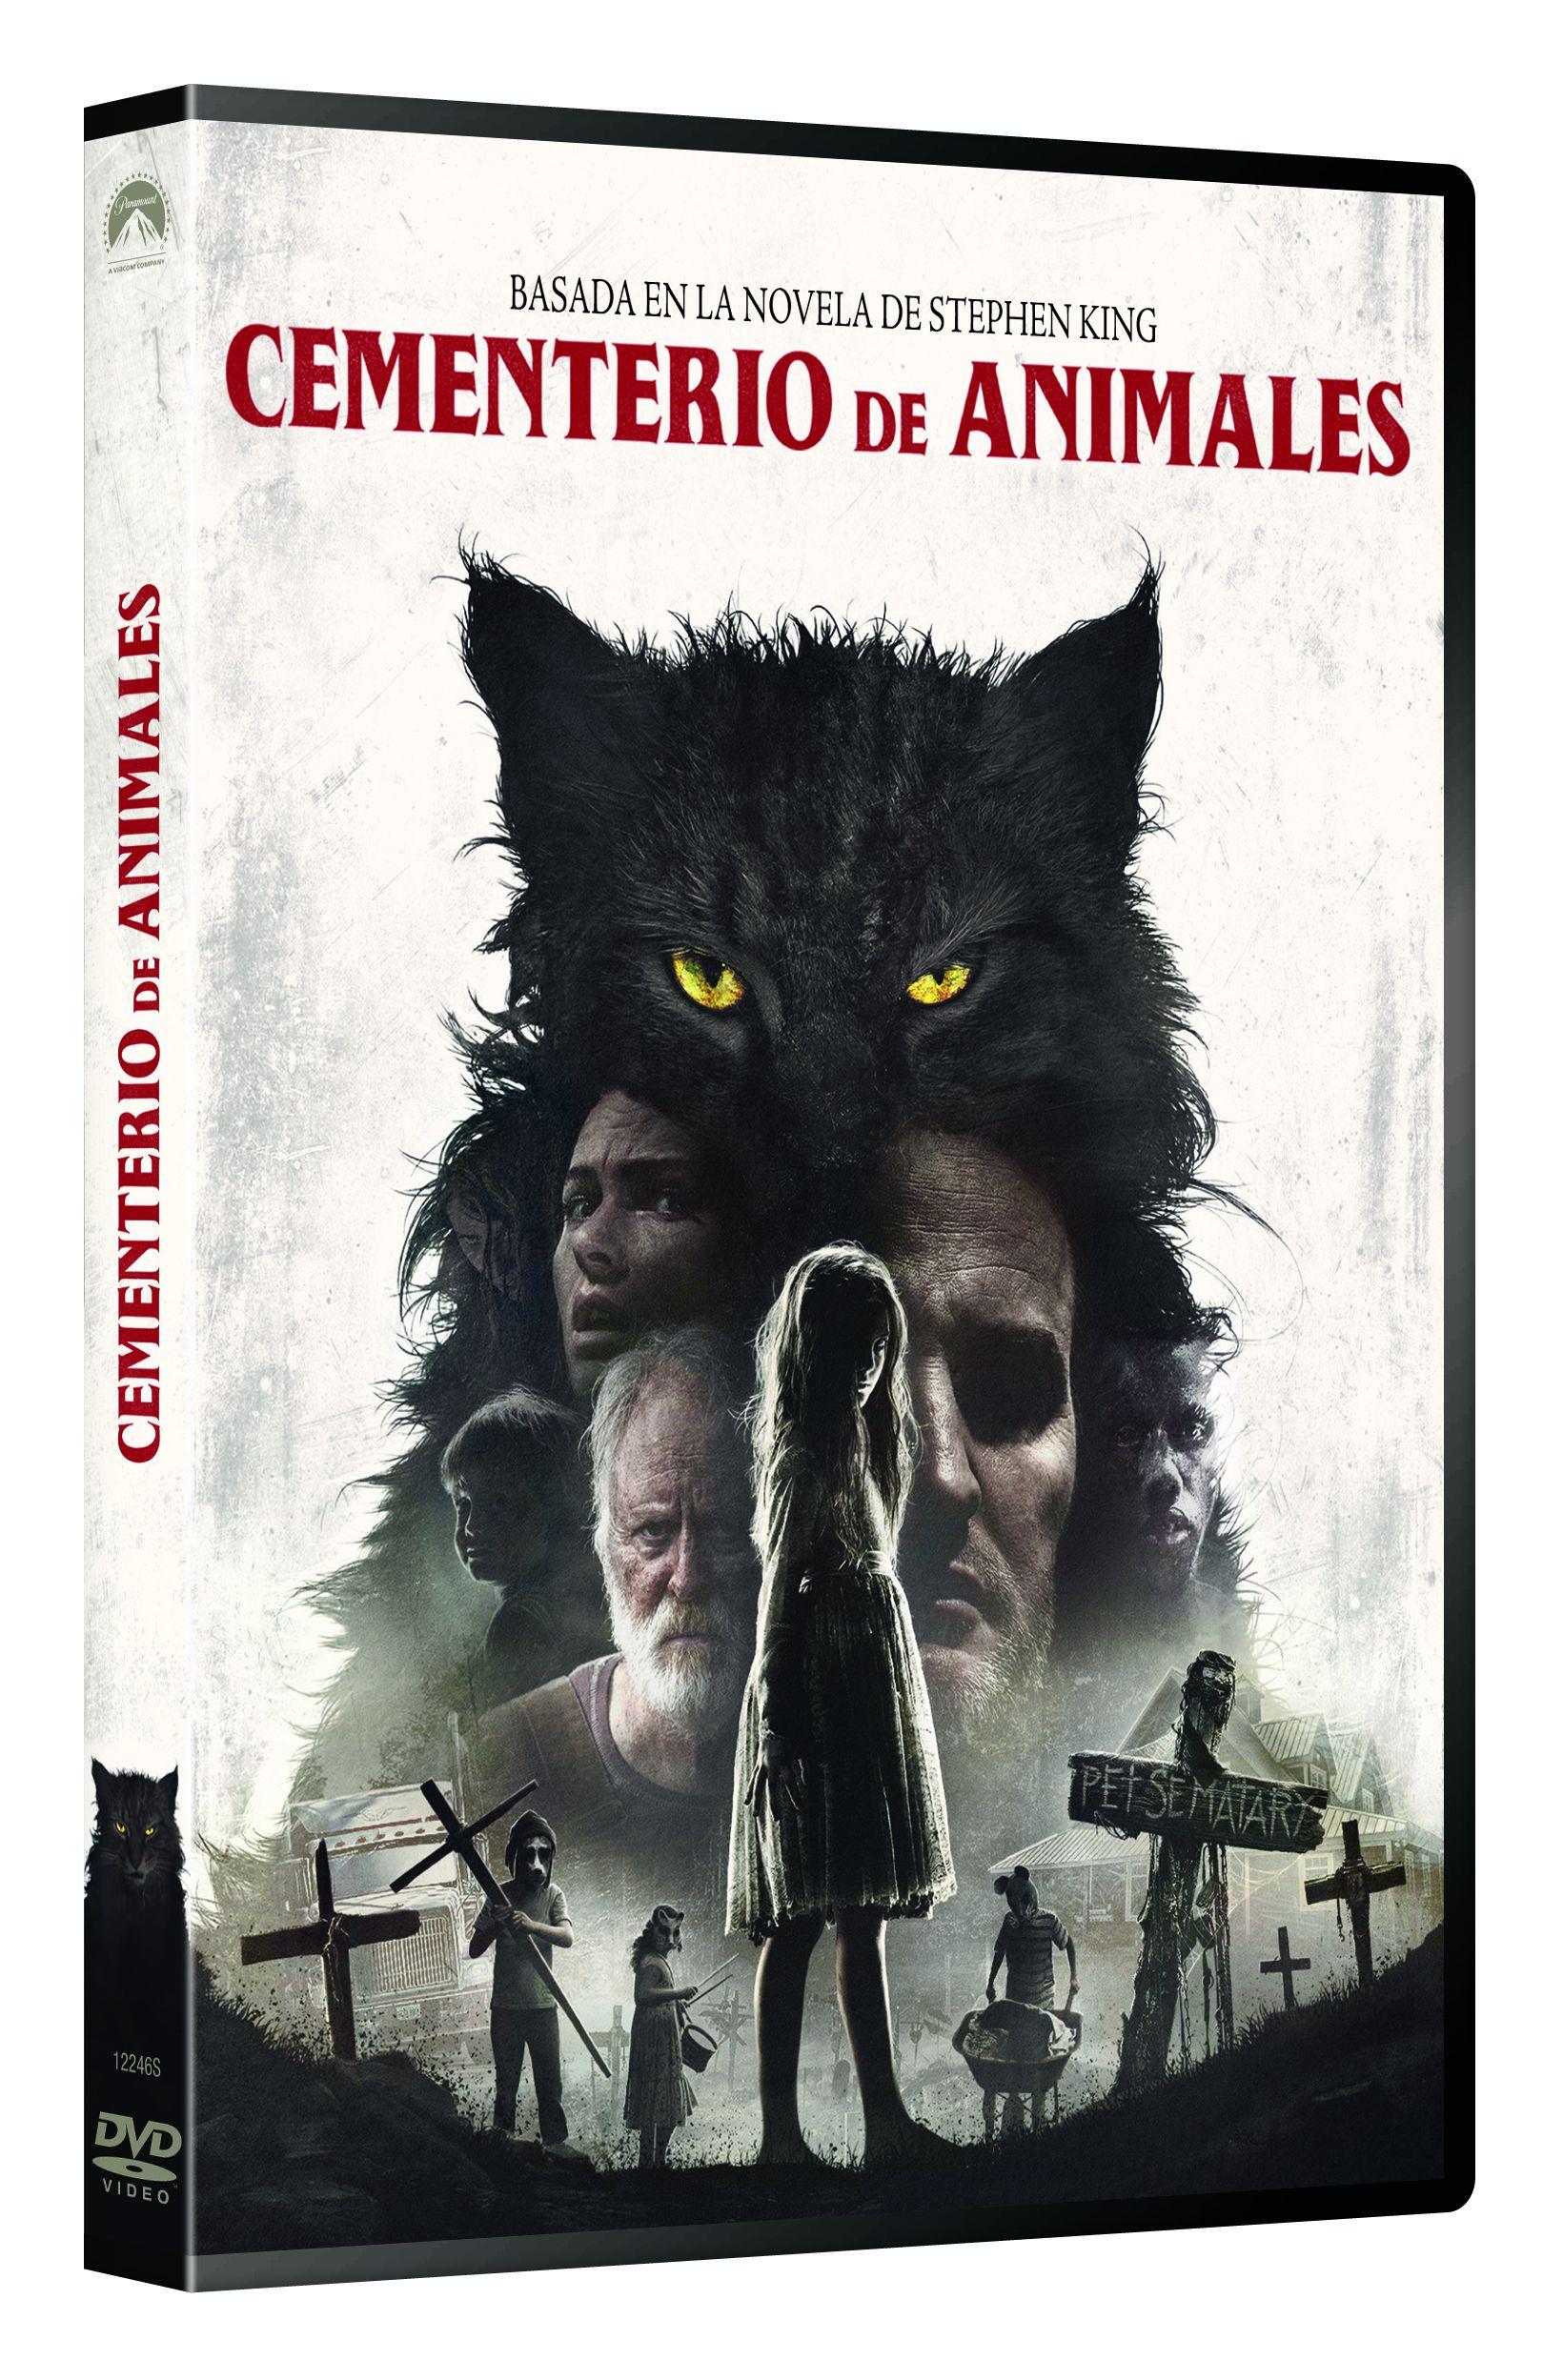 cementerio de animales - dvd --8414533122467